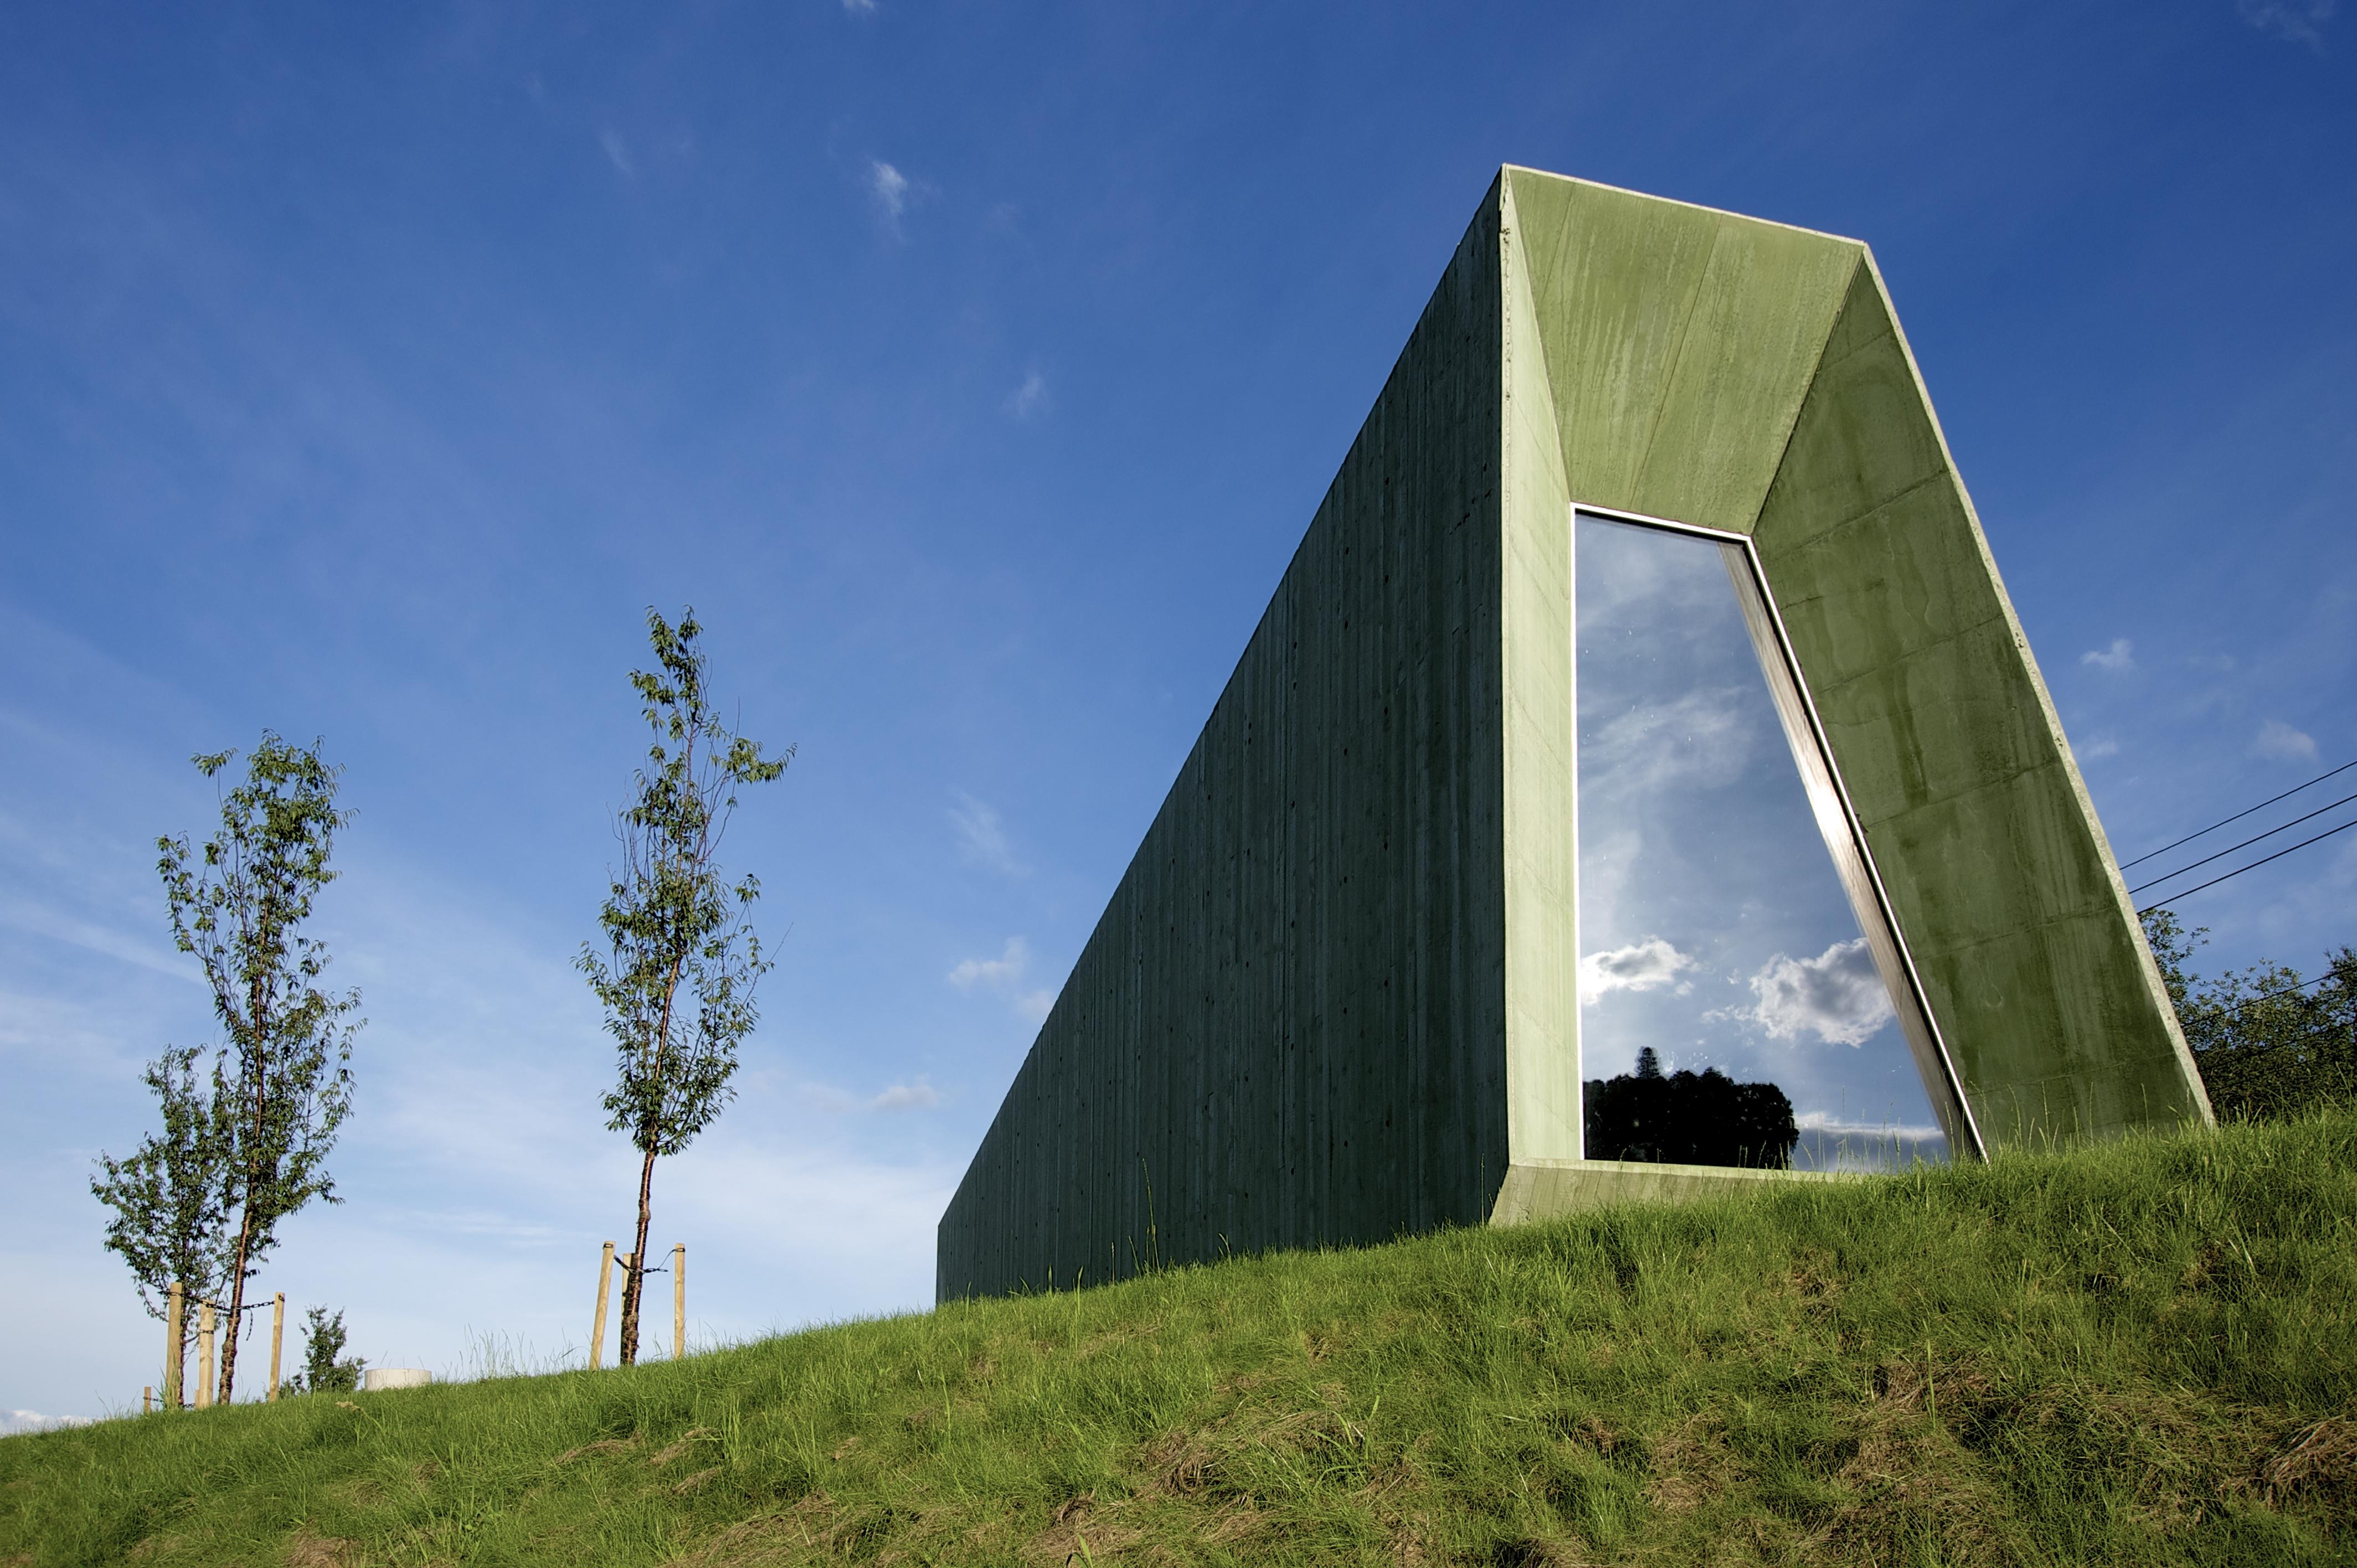 In grüner Natur: Servicegebäude aus grün eingefärbtem Beton am Steinsdalsfossen-Wasserfall in Norwegen